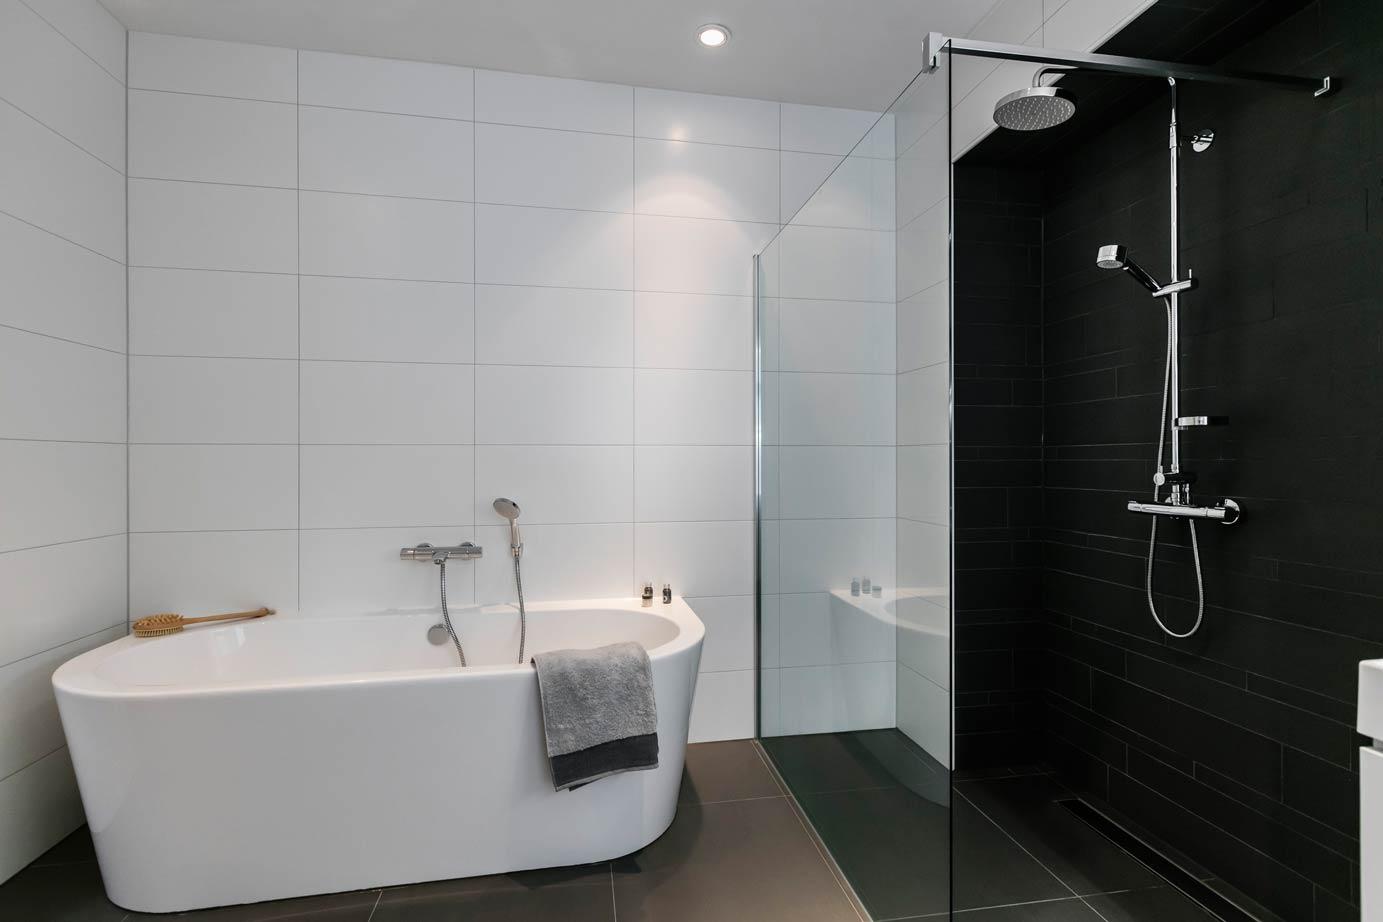 Badkamermeubel Houtlook ~ Badkamer Heerde met een losstaand bad